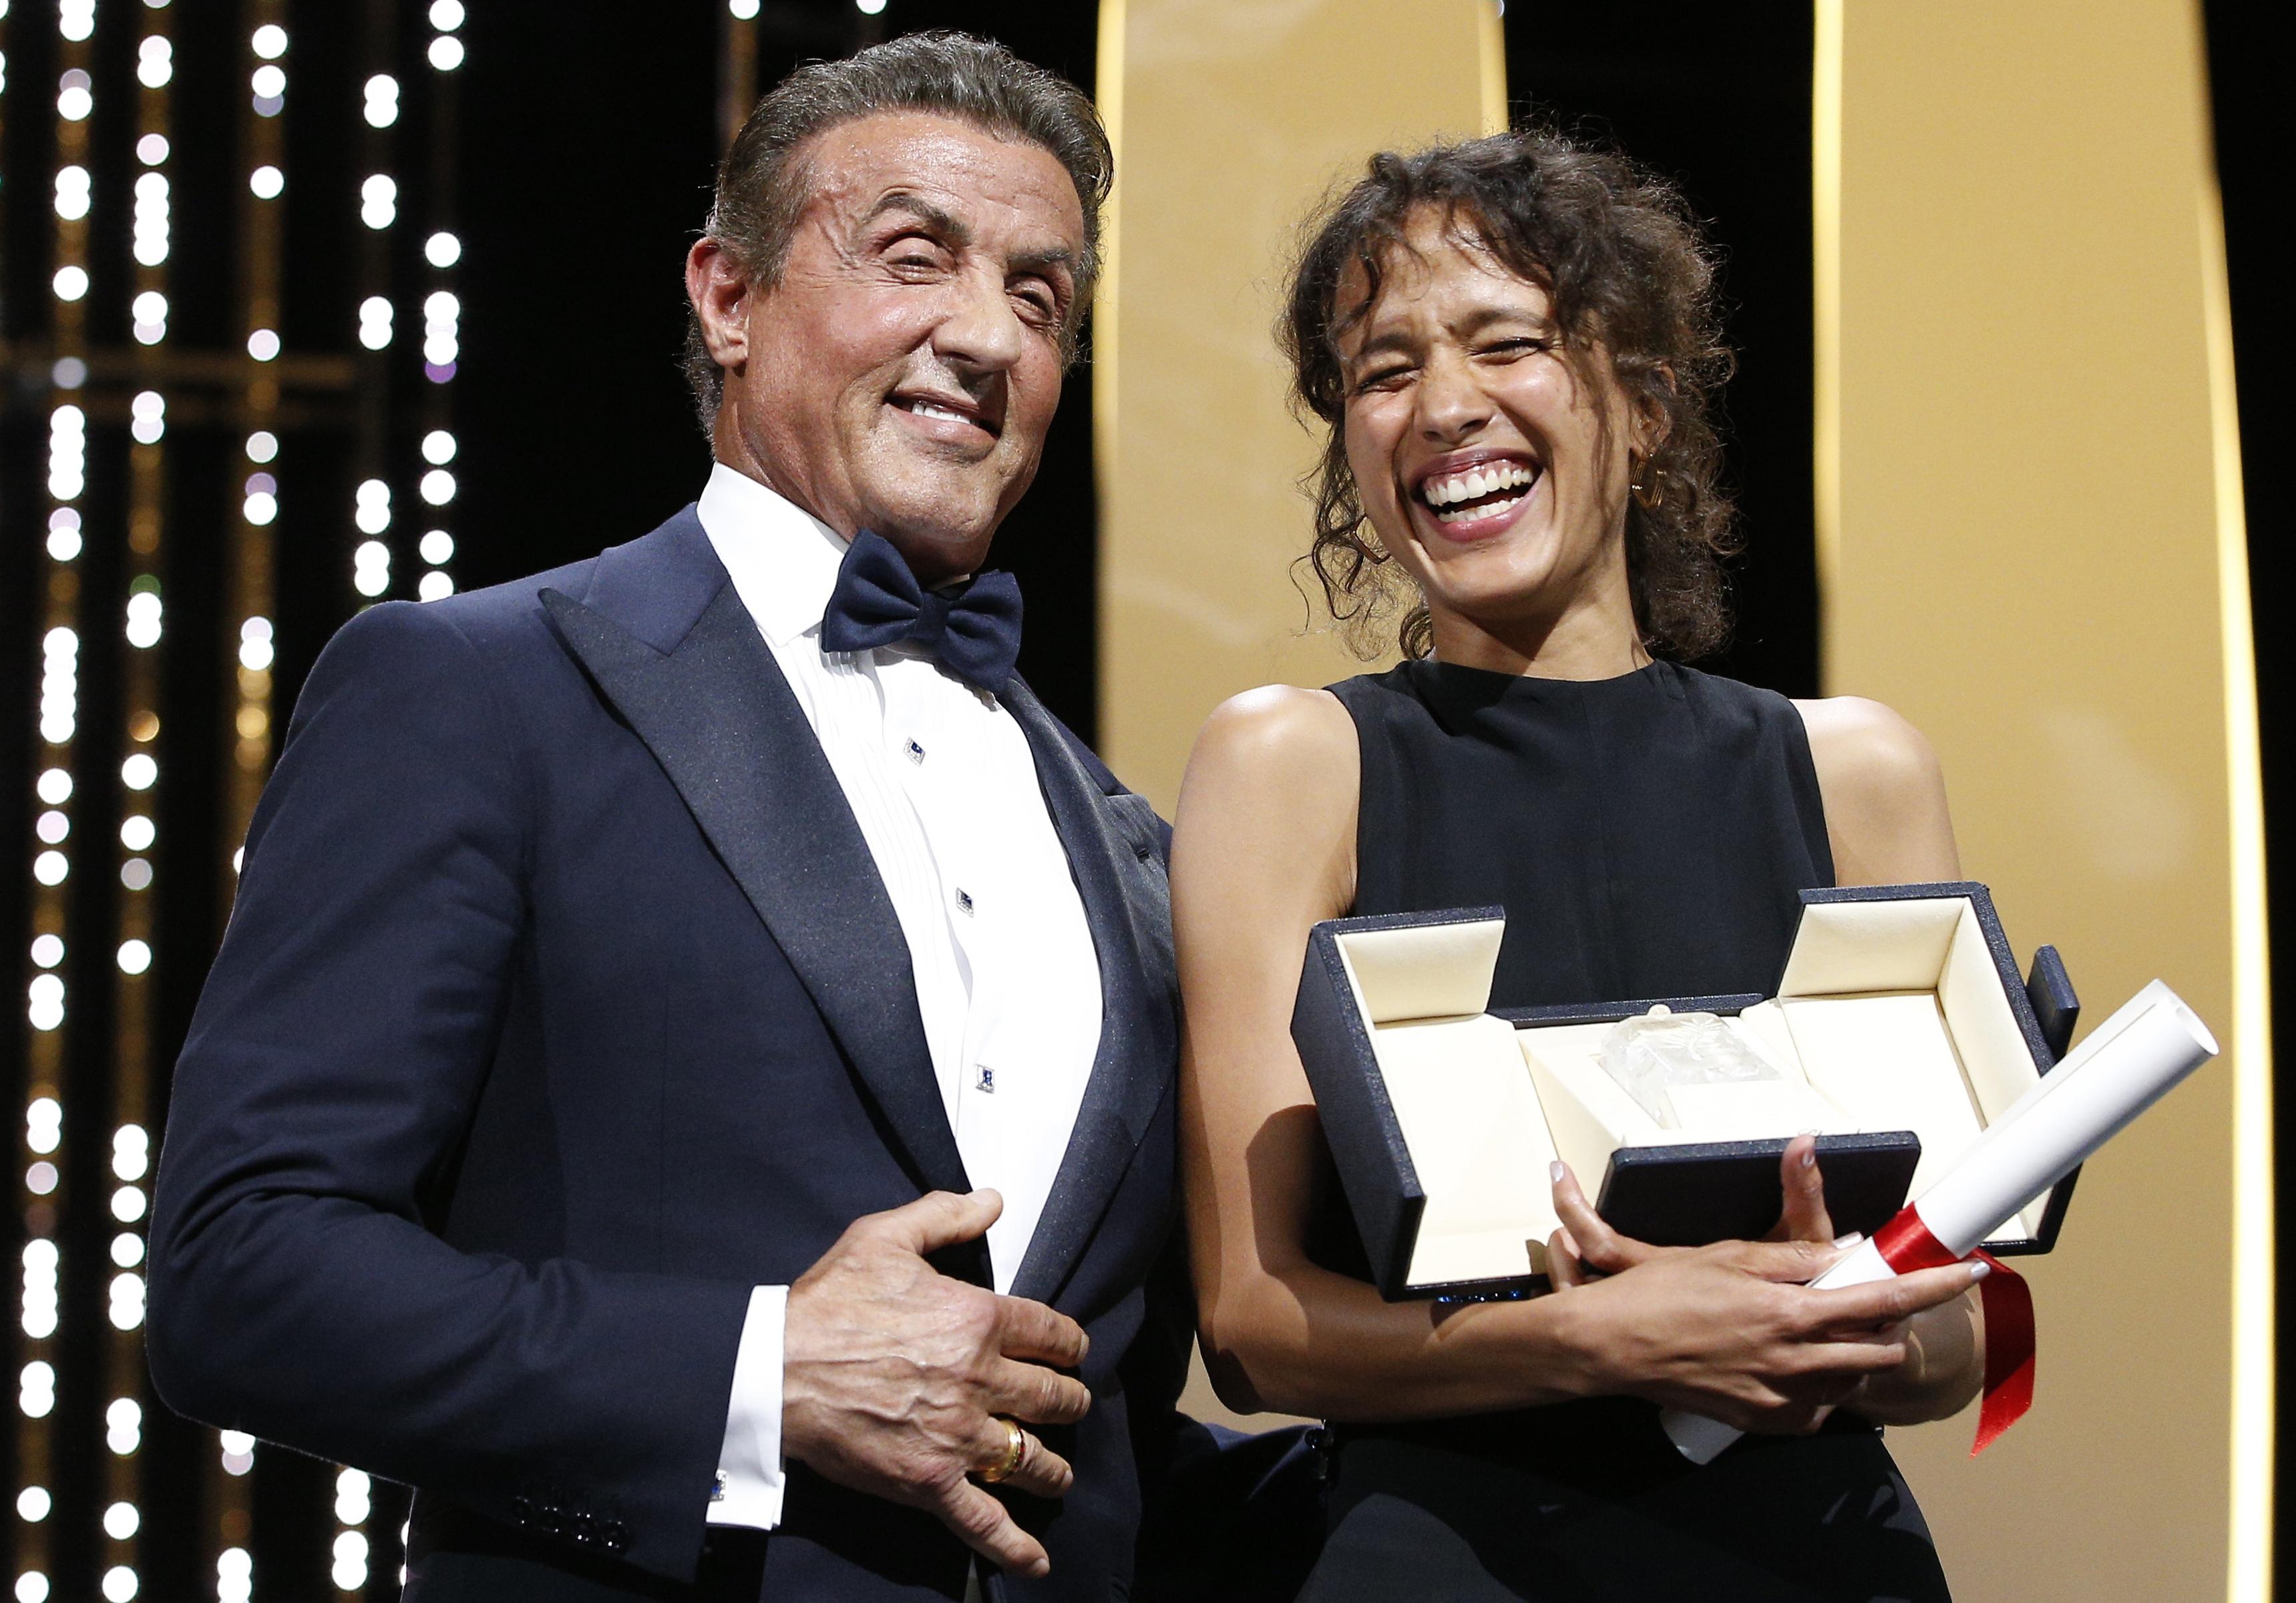 La réalisatrice franco-sénégalaise Mati Diop recevait le grand prix du Festival de Cannes 2019 des mains de l'acteur Sylvester Stallone.